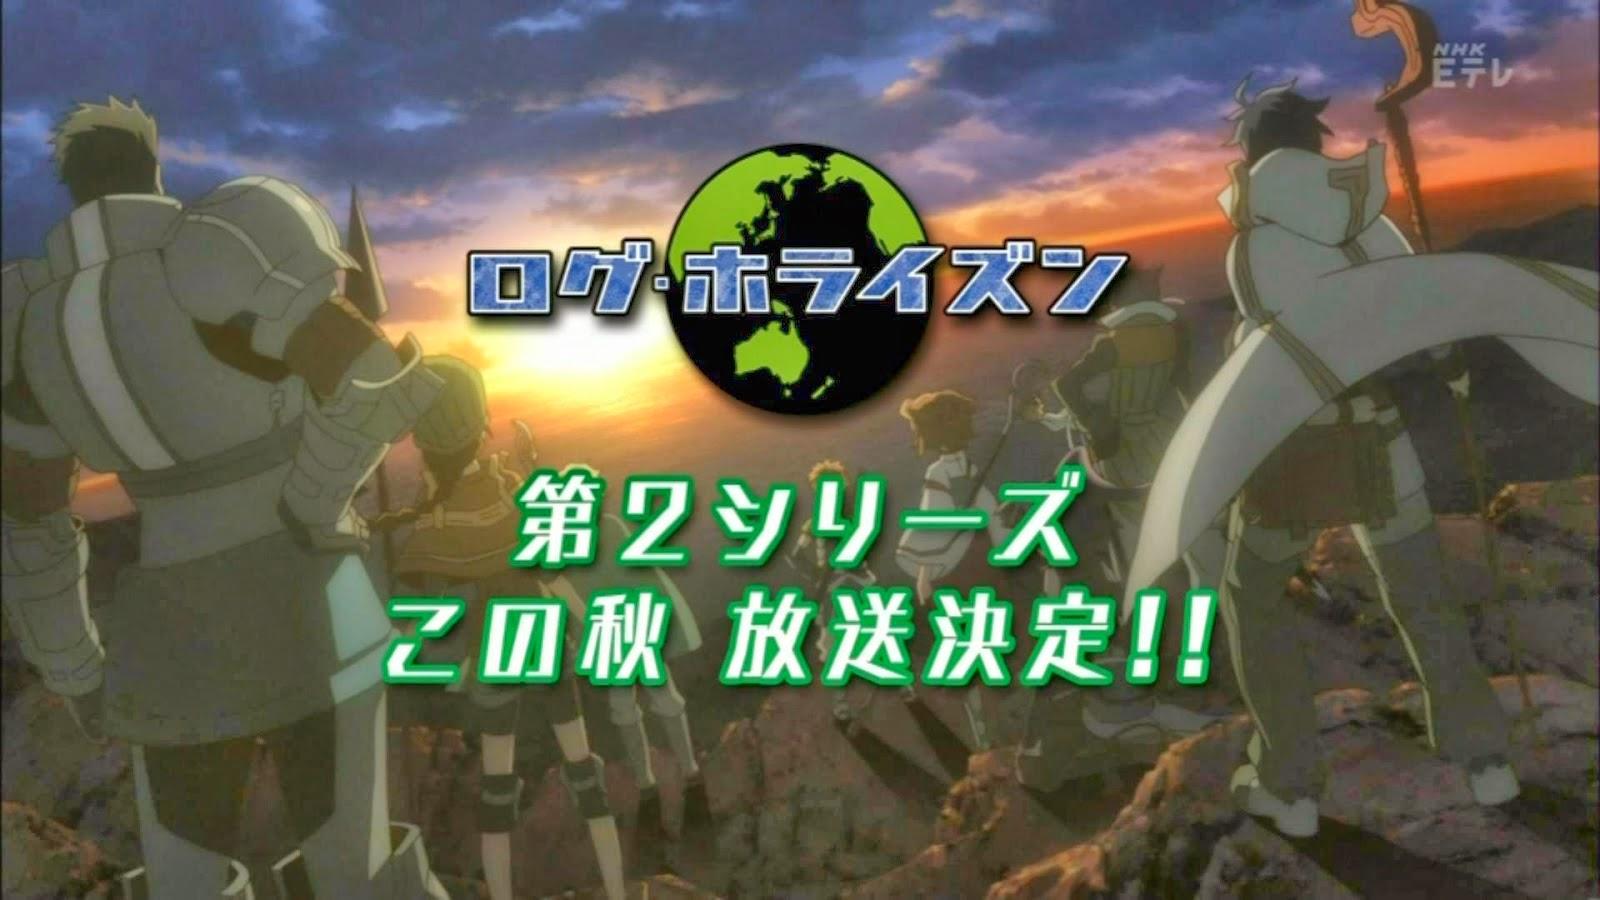 [ Info-Anime ] Log Horizon 2nd Season Akan Tayang Di Musim Gugur Tahun Ini